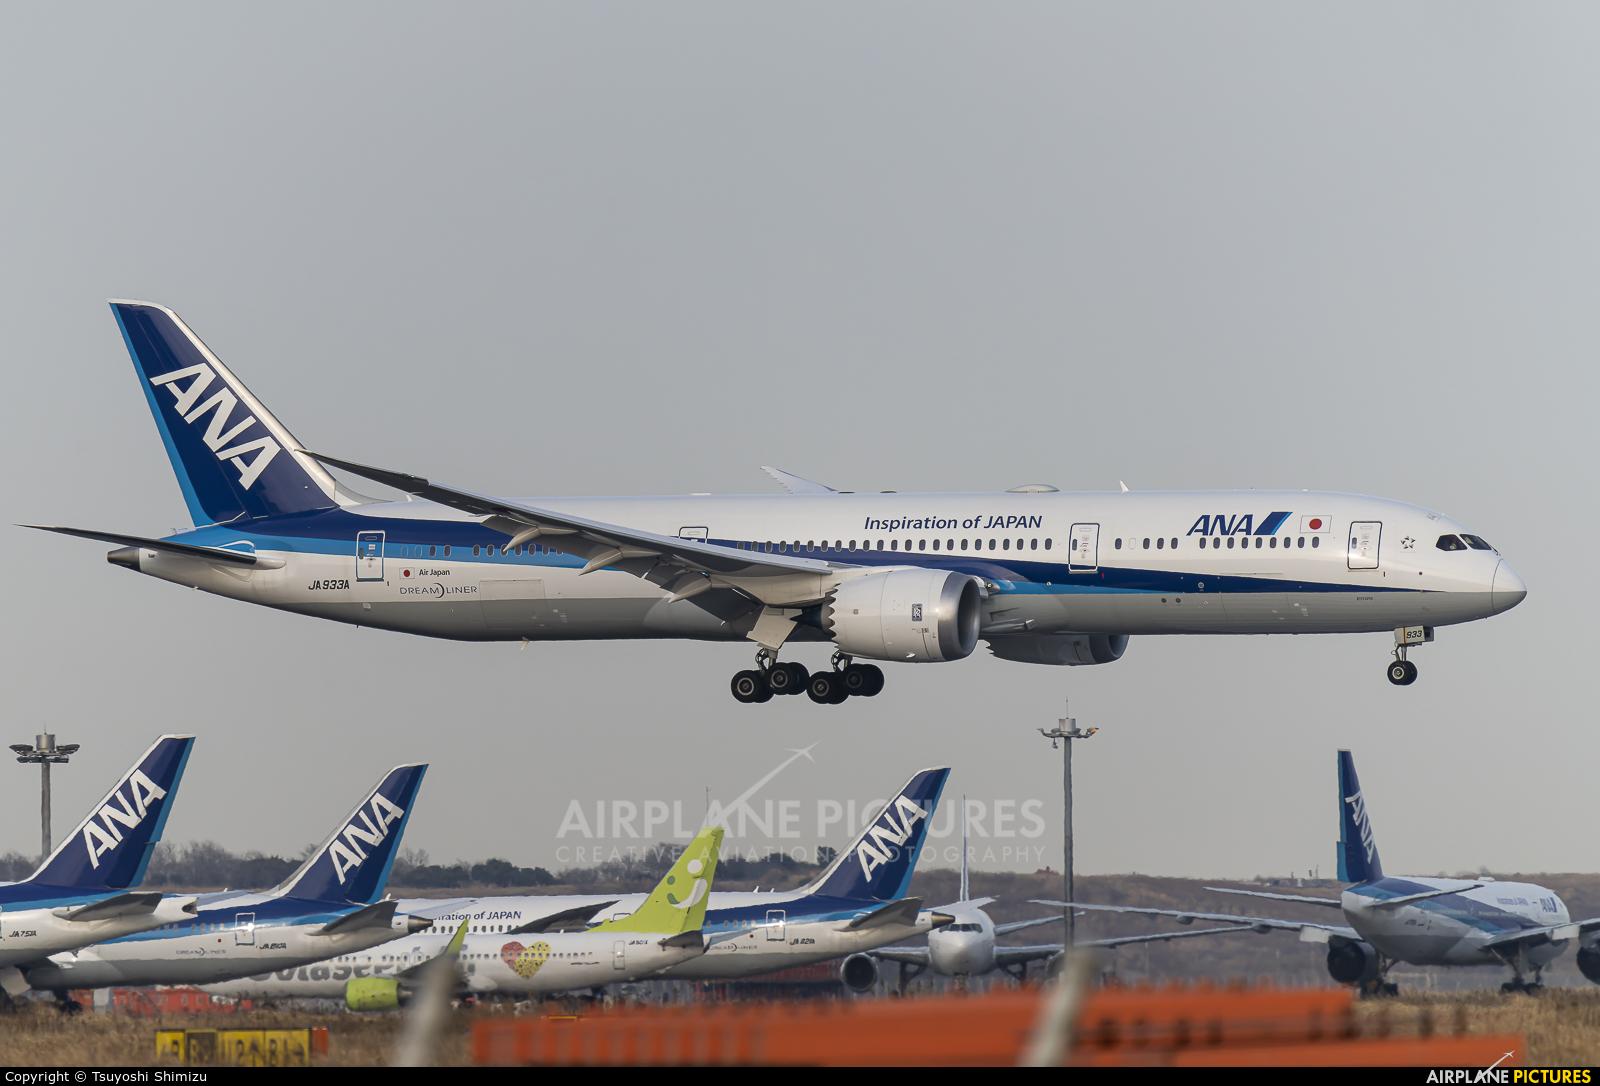 ANA - All Nippon Airways JA933A aircraft at Tokyo - Haneda Intl